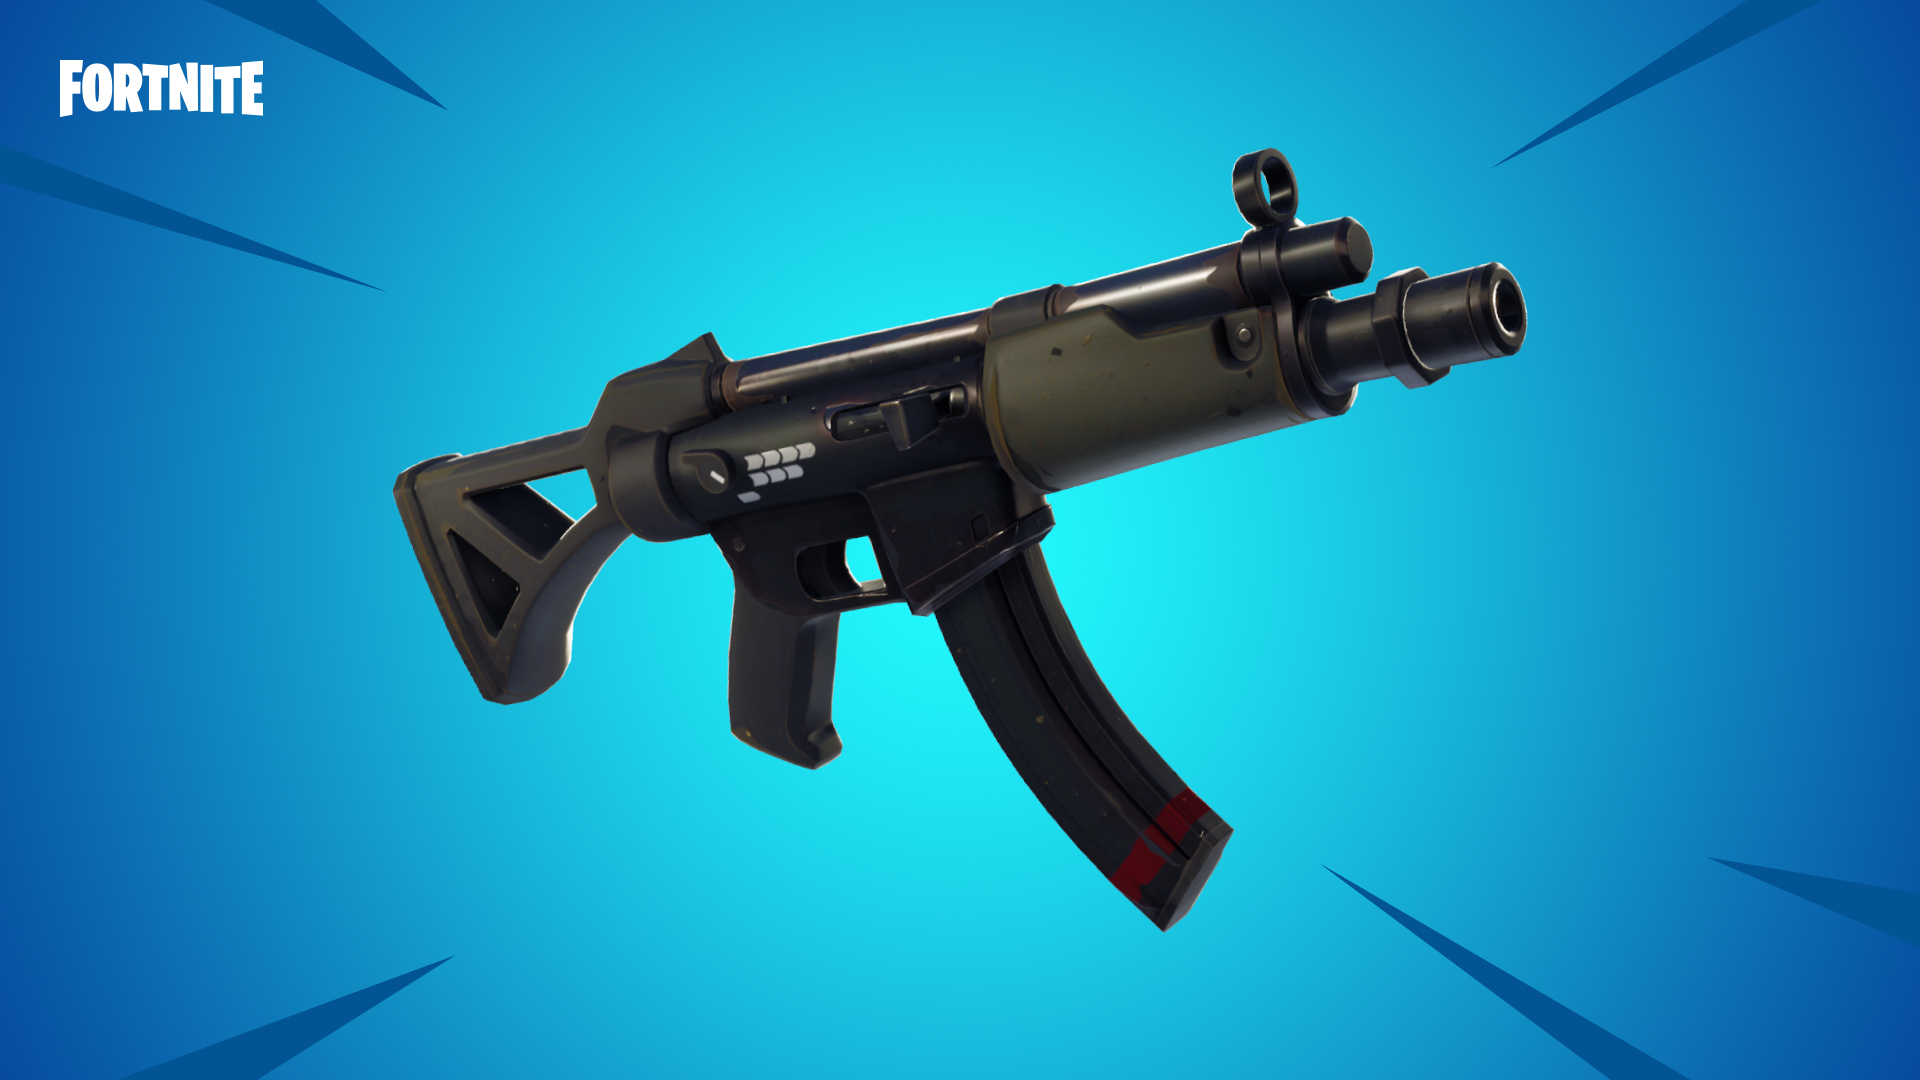 fortnite 1 - Fortnite: disponibile la nuova mitraglietta Submachine Gun